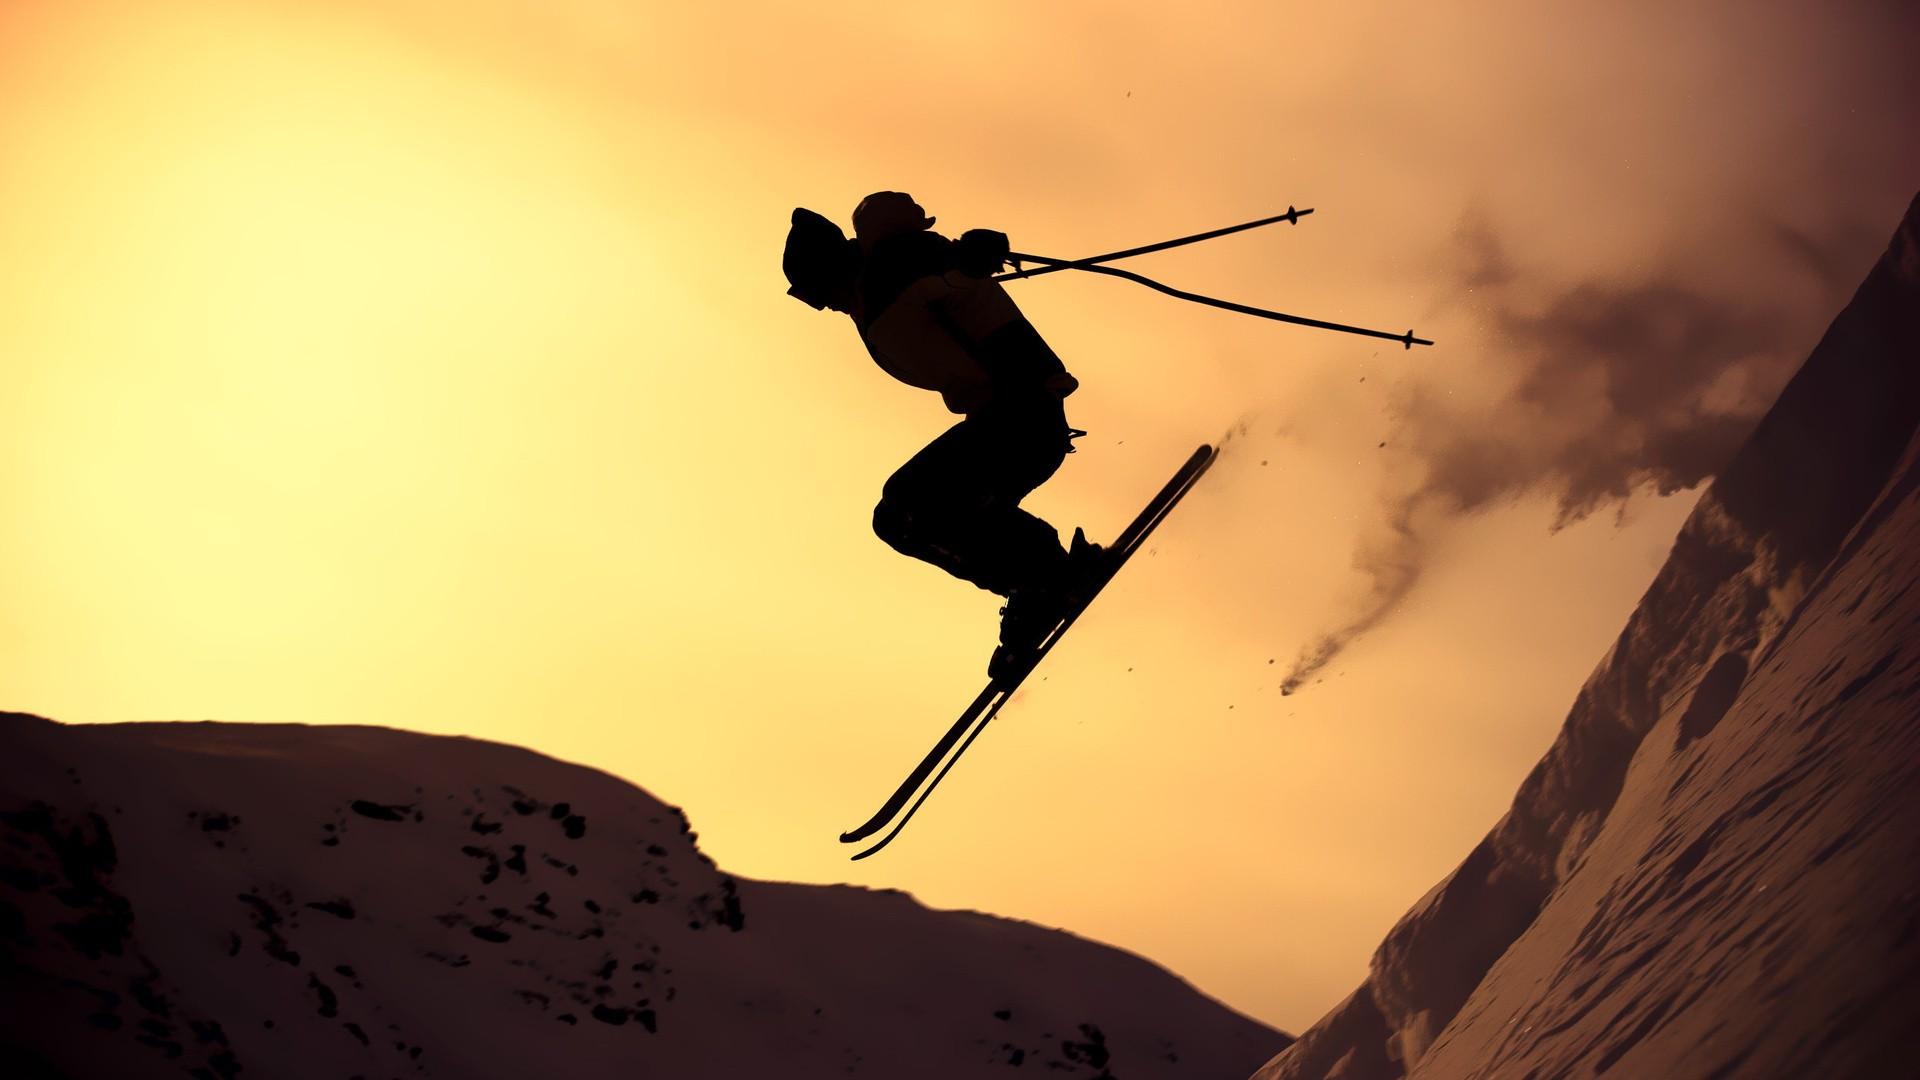 Salto en esquí - 1920x1080